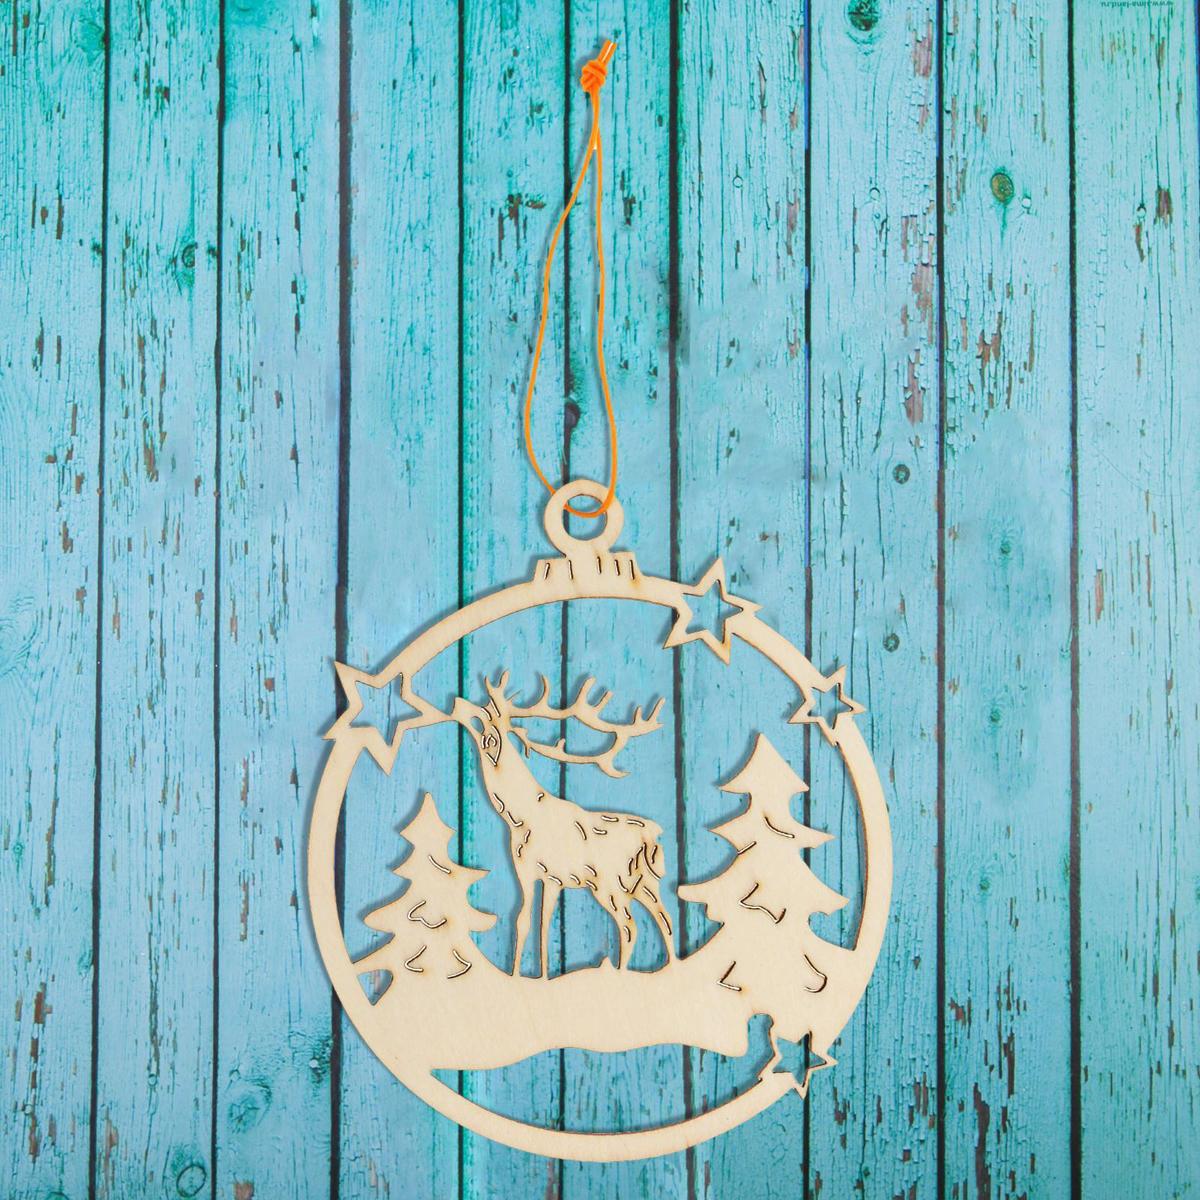 Новогоднее подвесное украшение Sima-land Новогодний лес, под роспись, 8,3 х 10 см1393683Новогоднее украшение Sima-land отлично подойдет для декорации вашего дома и новогодней ели. Елочная игрушка - символ Нового года. Она несет в себе волшебство и красоту праздника. Такое украшение создаст в вашем доме атмосферу праздника, веселья и радости.